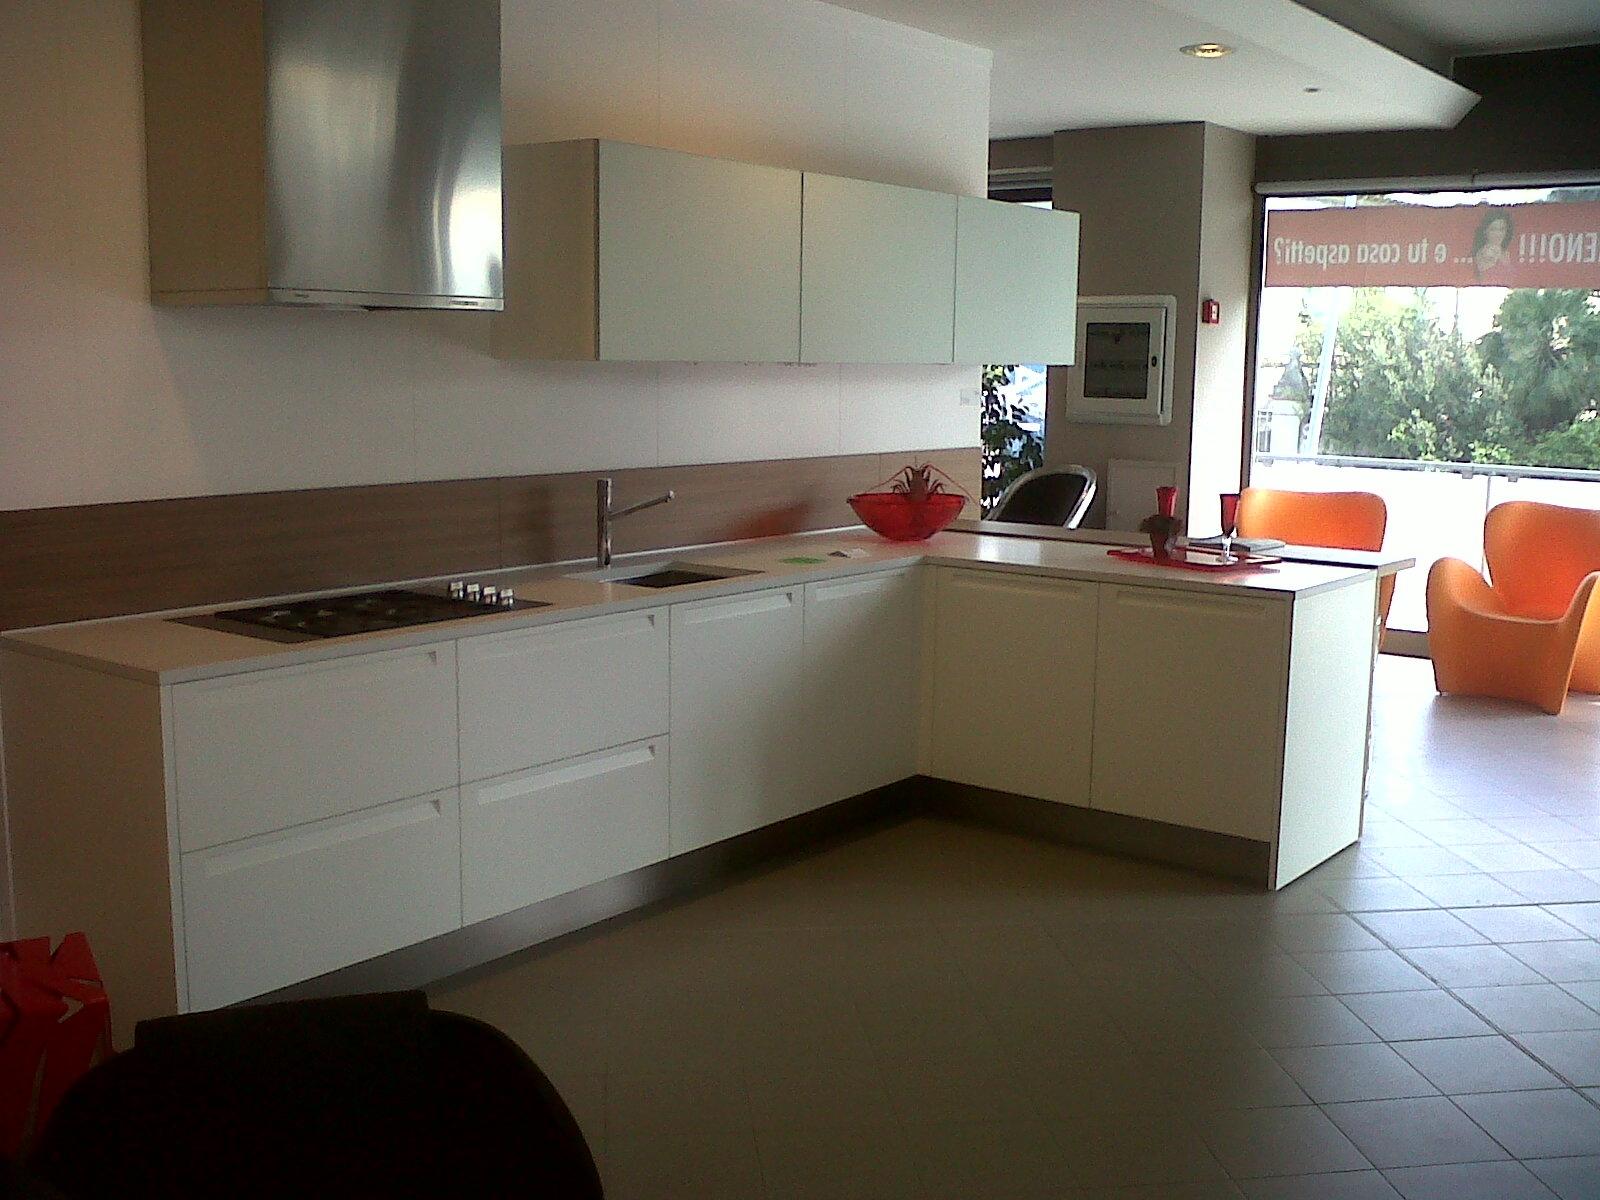 Cucina varenna minimal design cucine a prezzi scontati - Cucina varenna prezzi ...